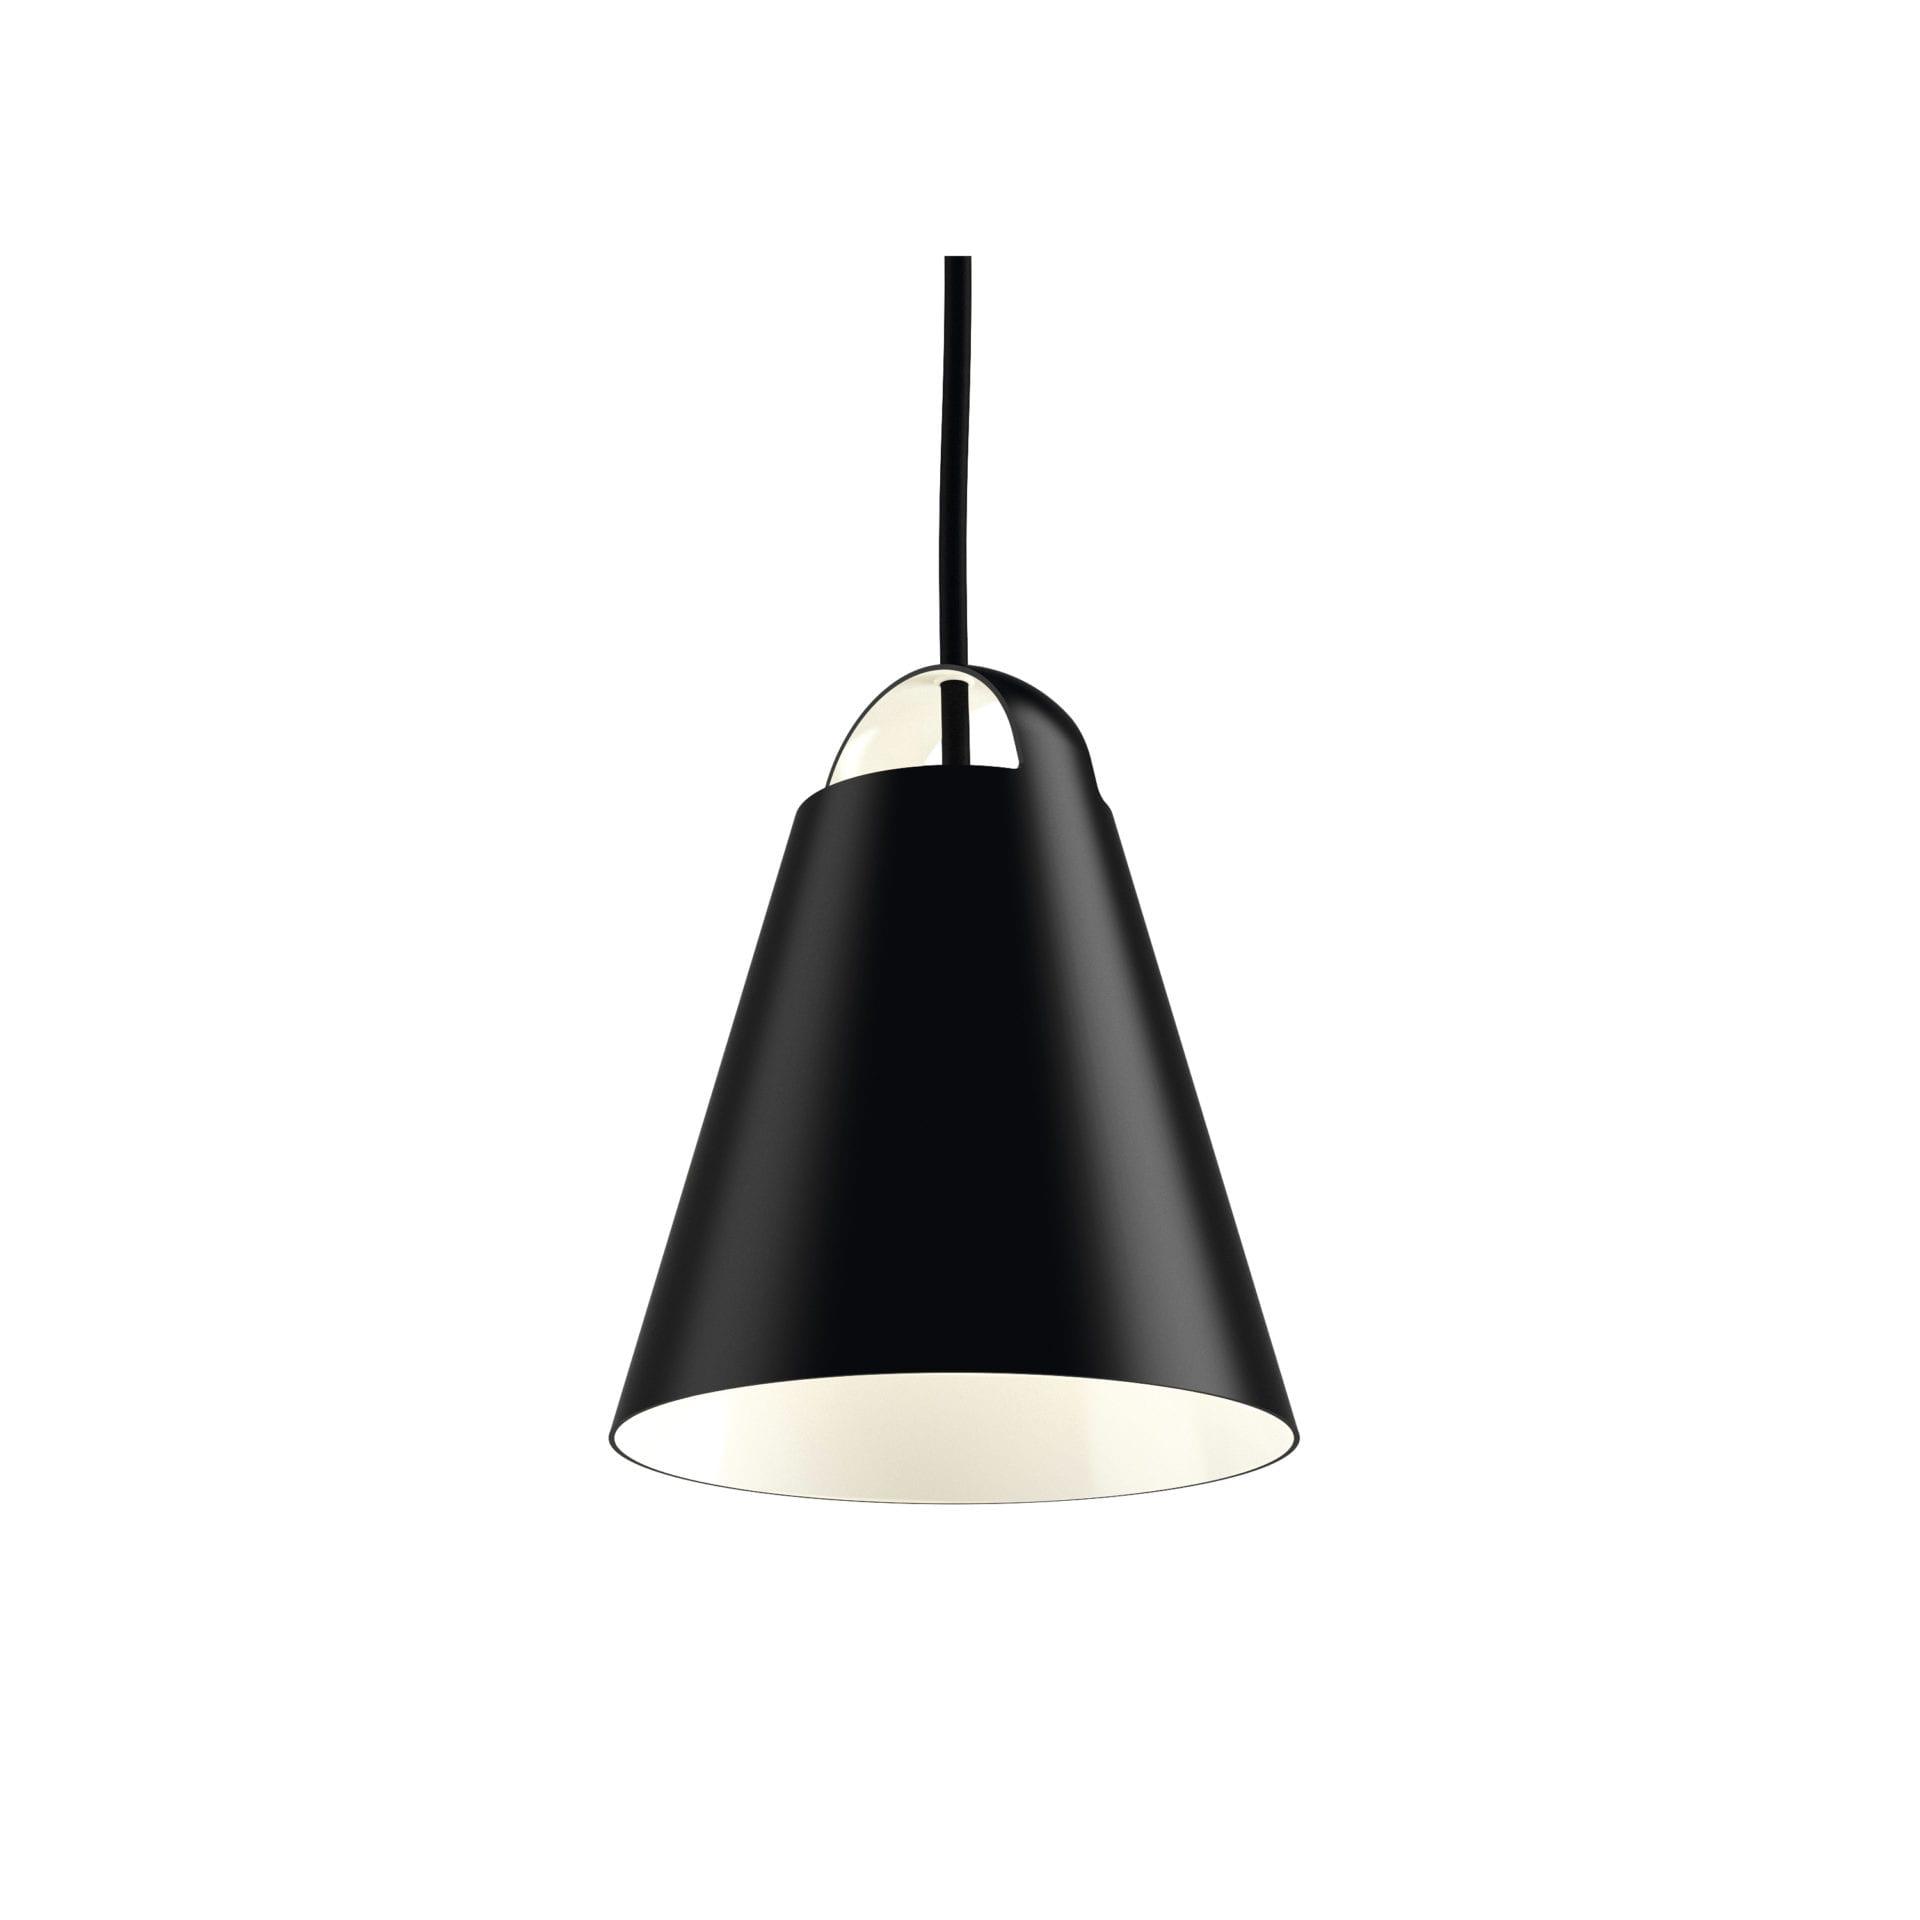 above lampe louis poulsen haubjerg indretning. Black Bedroom Furniture Sets. Home Design Ideas